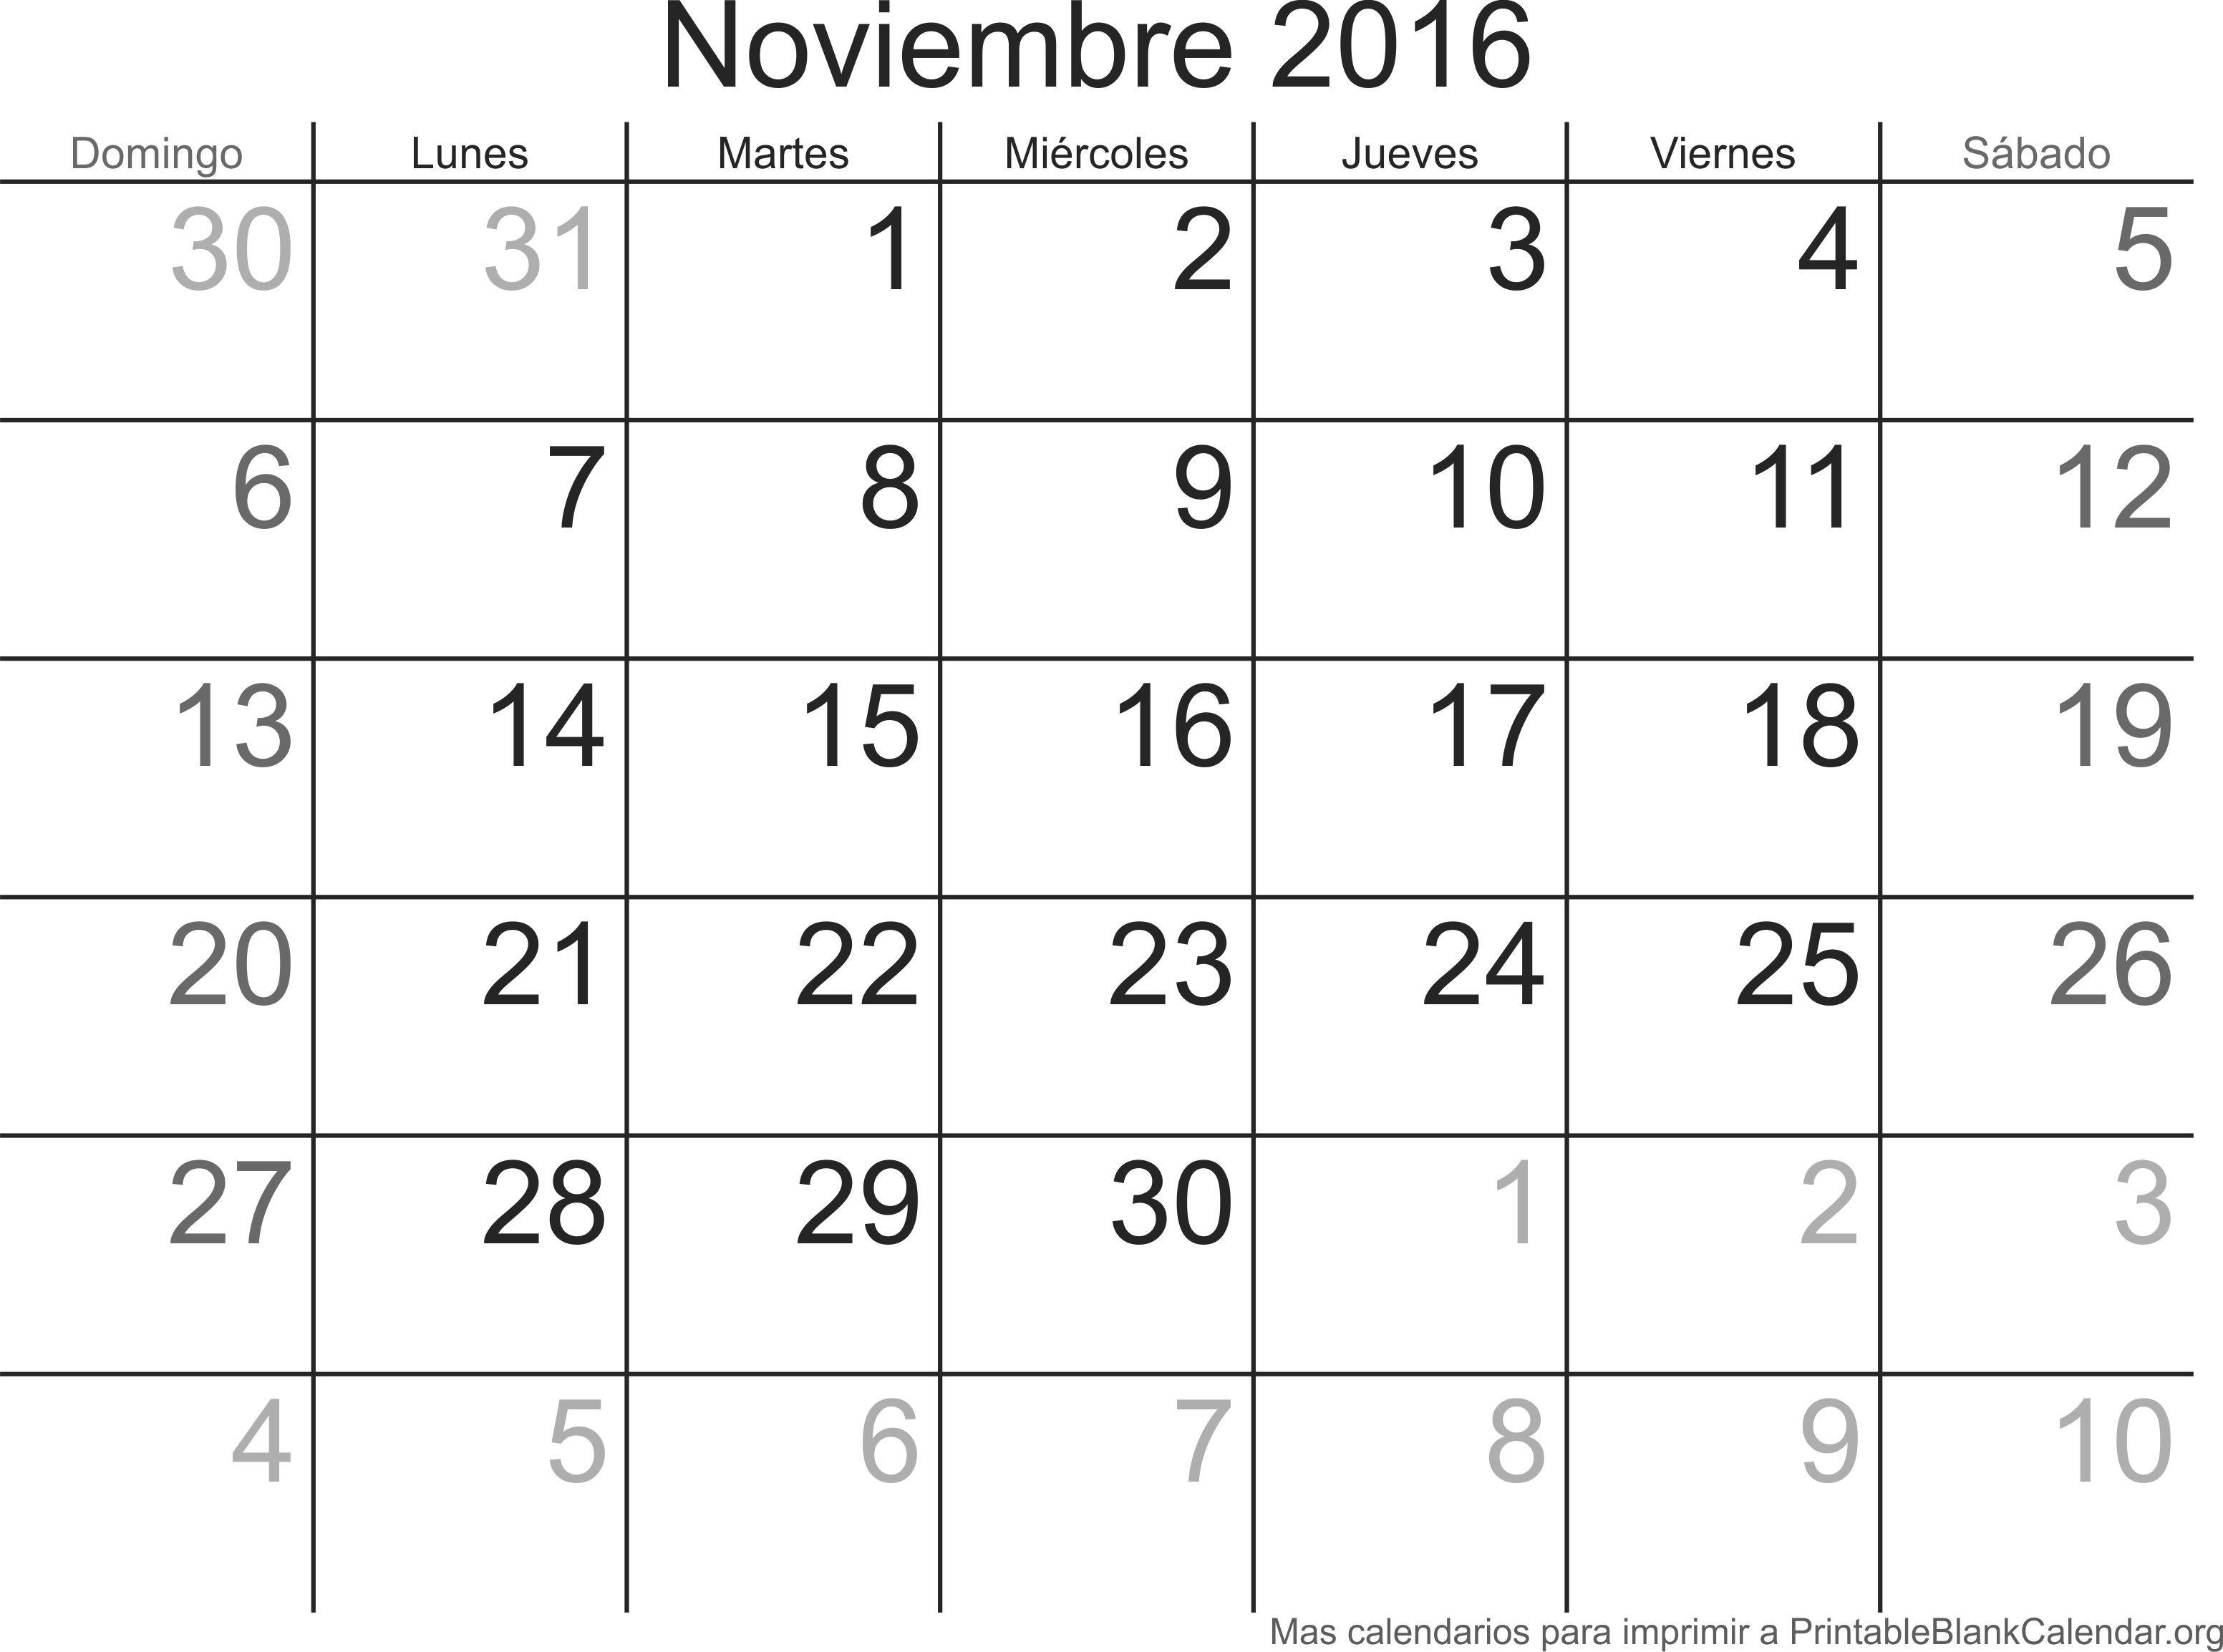 Imprimir Calendario Windows 8 Más Recientes Noviembre 2016